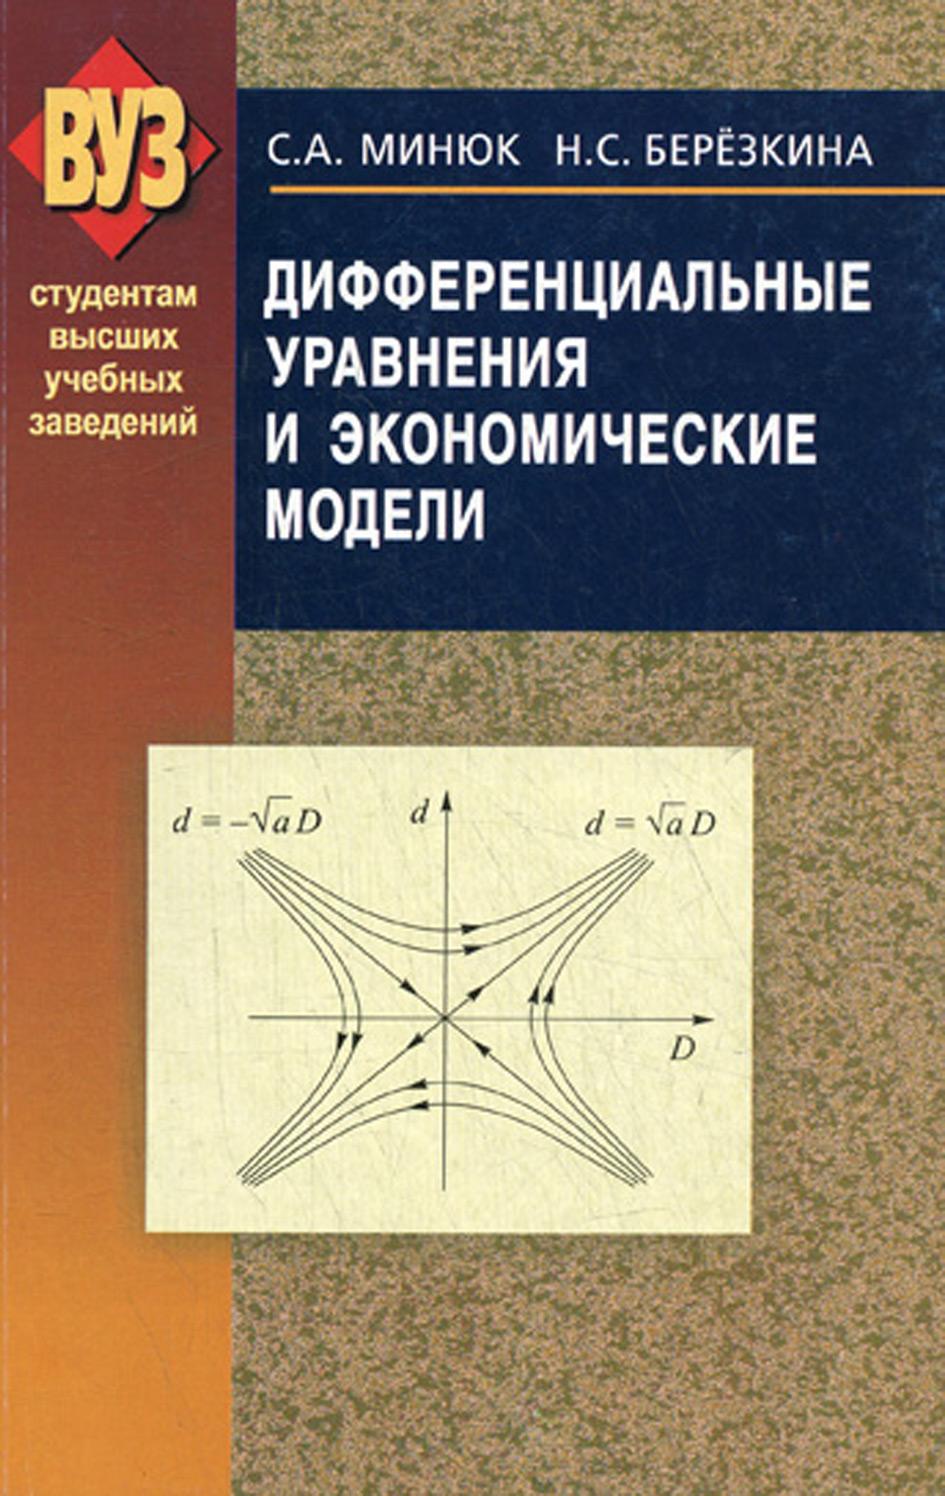 Н. С. Березкина Дифференциальные уравнения и экономические модели романко в курс разностных уравнений